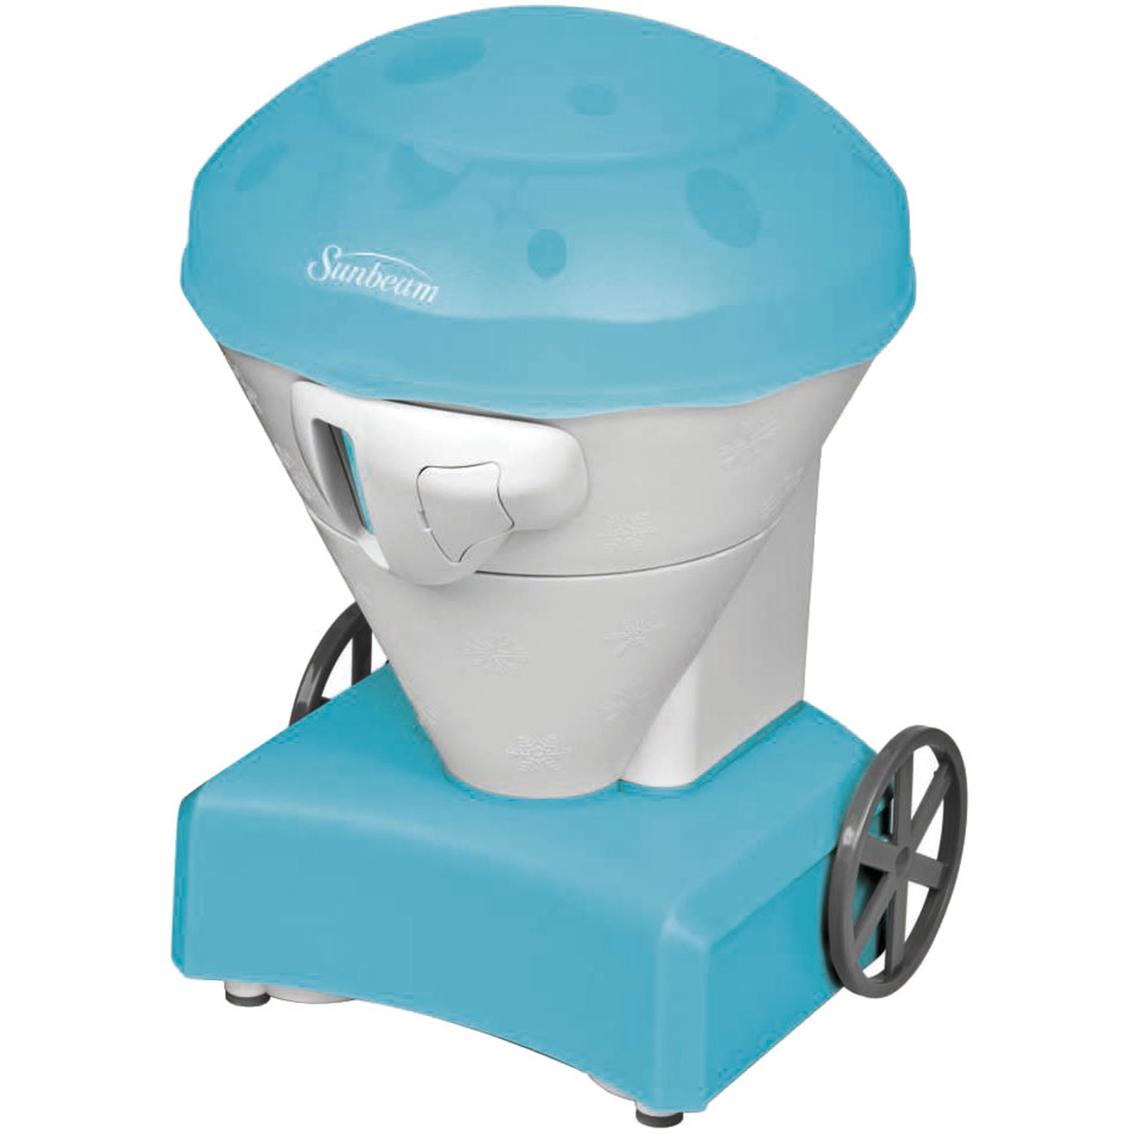 Sunbeam Snow Cone Cart Ice Shaver, Blue | Ice Cream & Dessert Makers ...